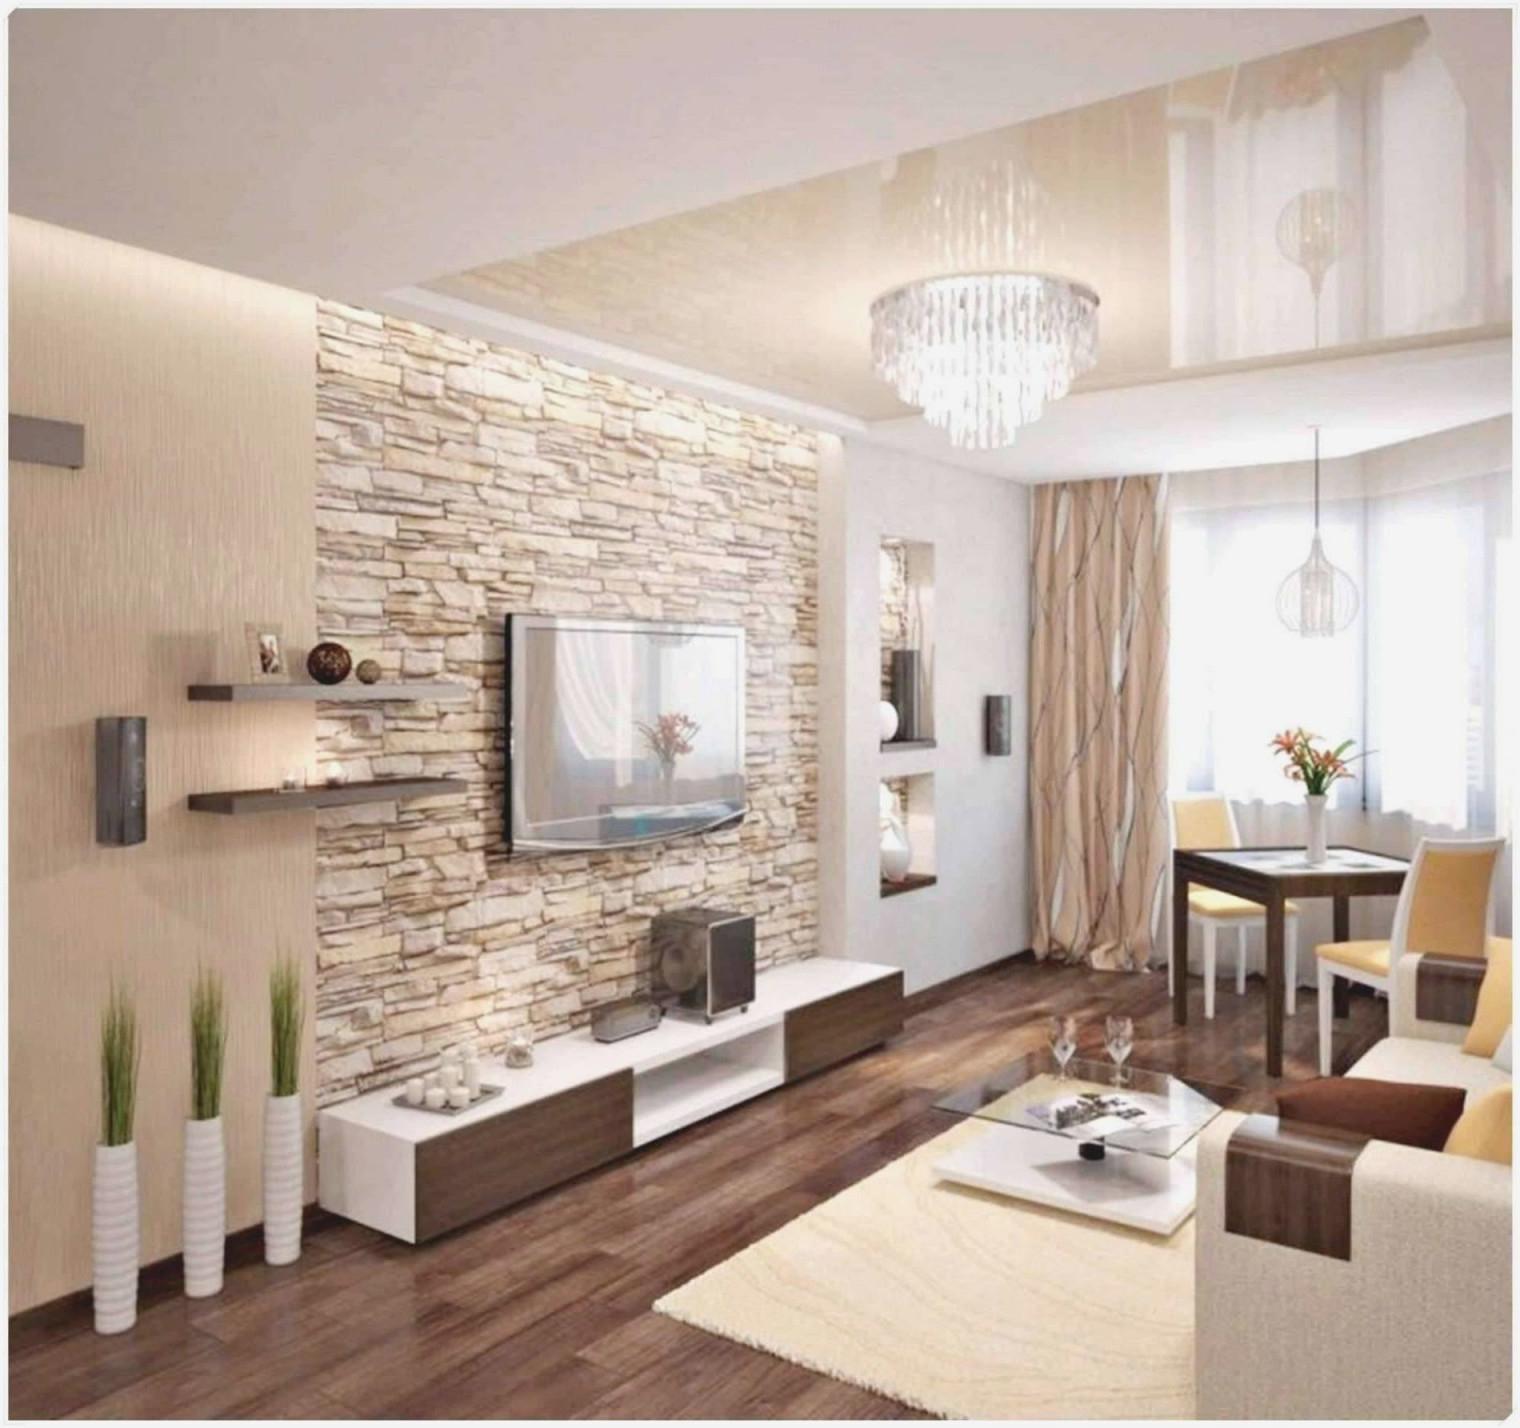 Deko Bilder Fur Wohnzimmer – Caseconrad von Bilder Deko Wohnzimmer Bild